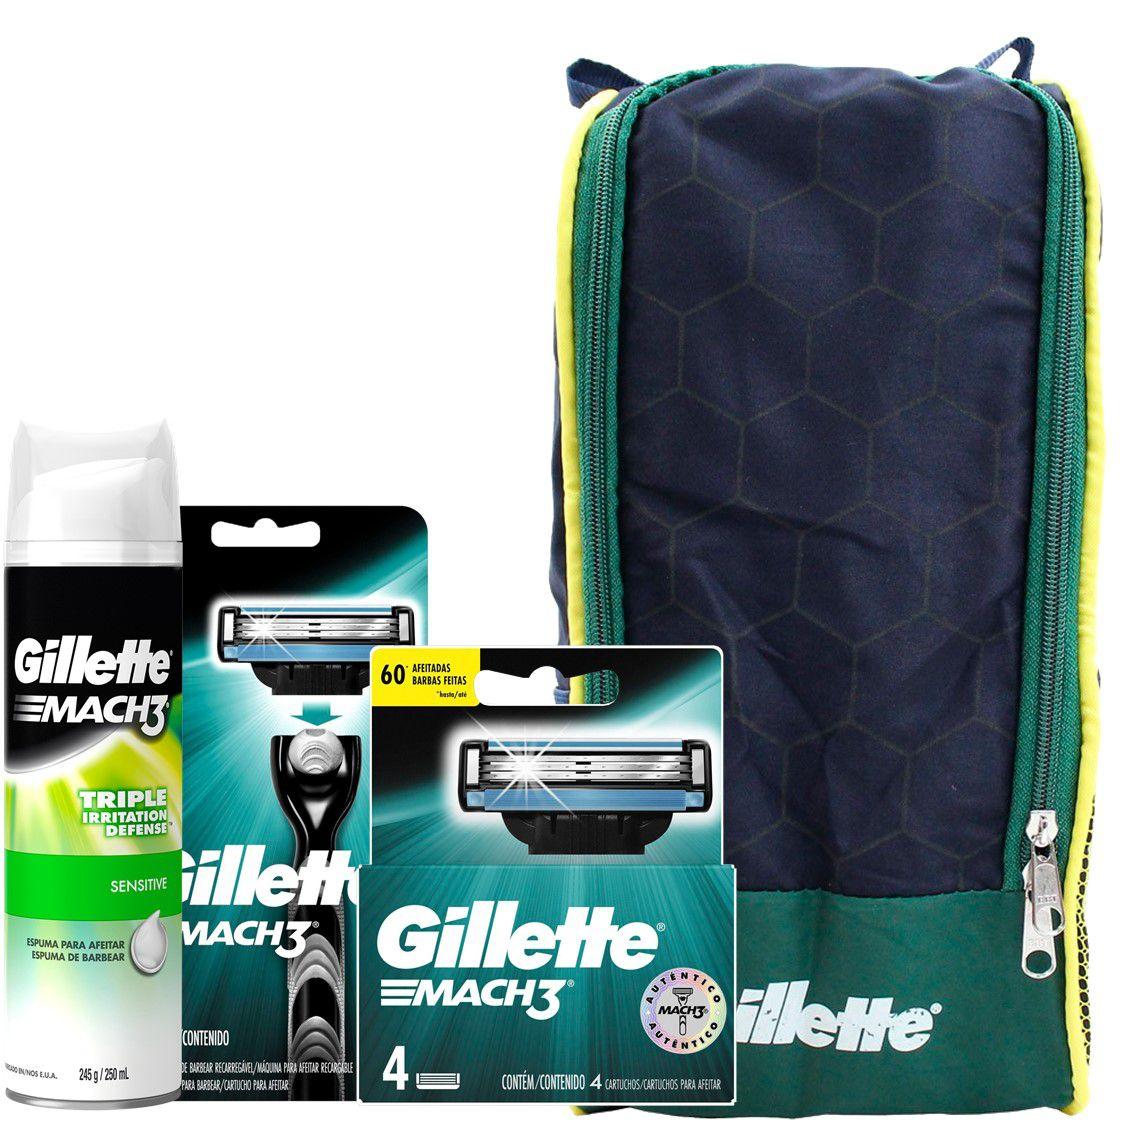 Kit Gillette Mach3: 1 Aparelho + 4 Cargas + 1 Espuma Sensitive 245g + Porta Chuteira